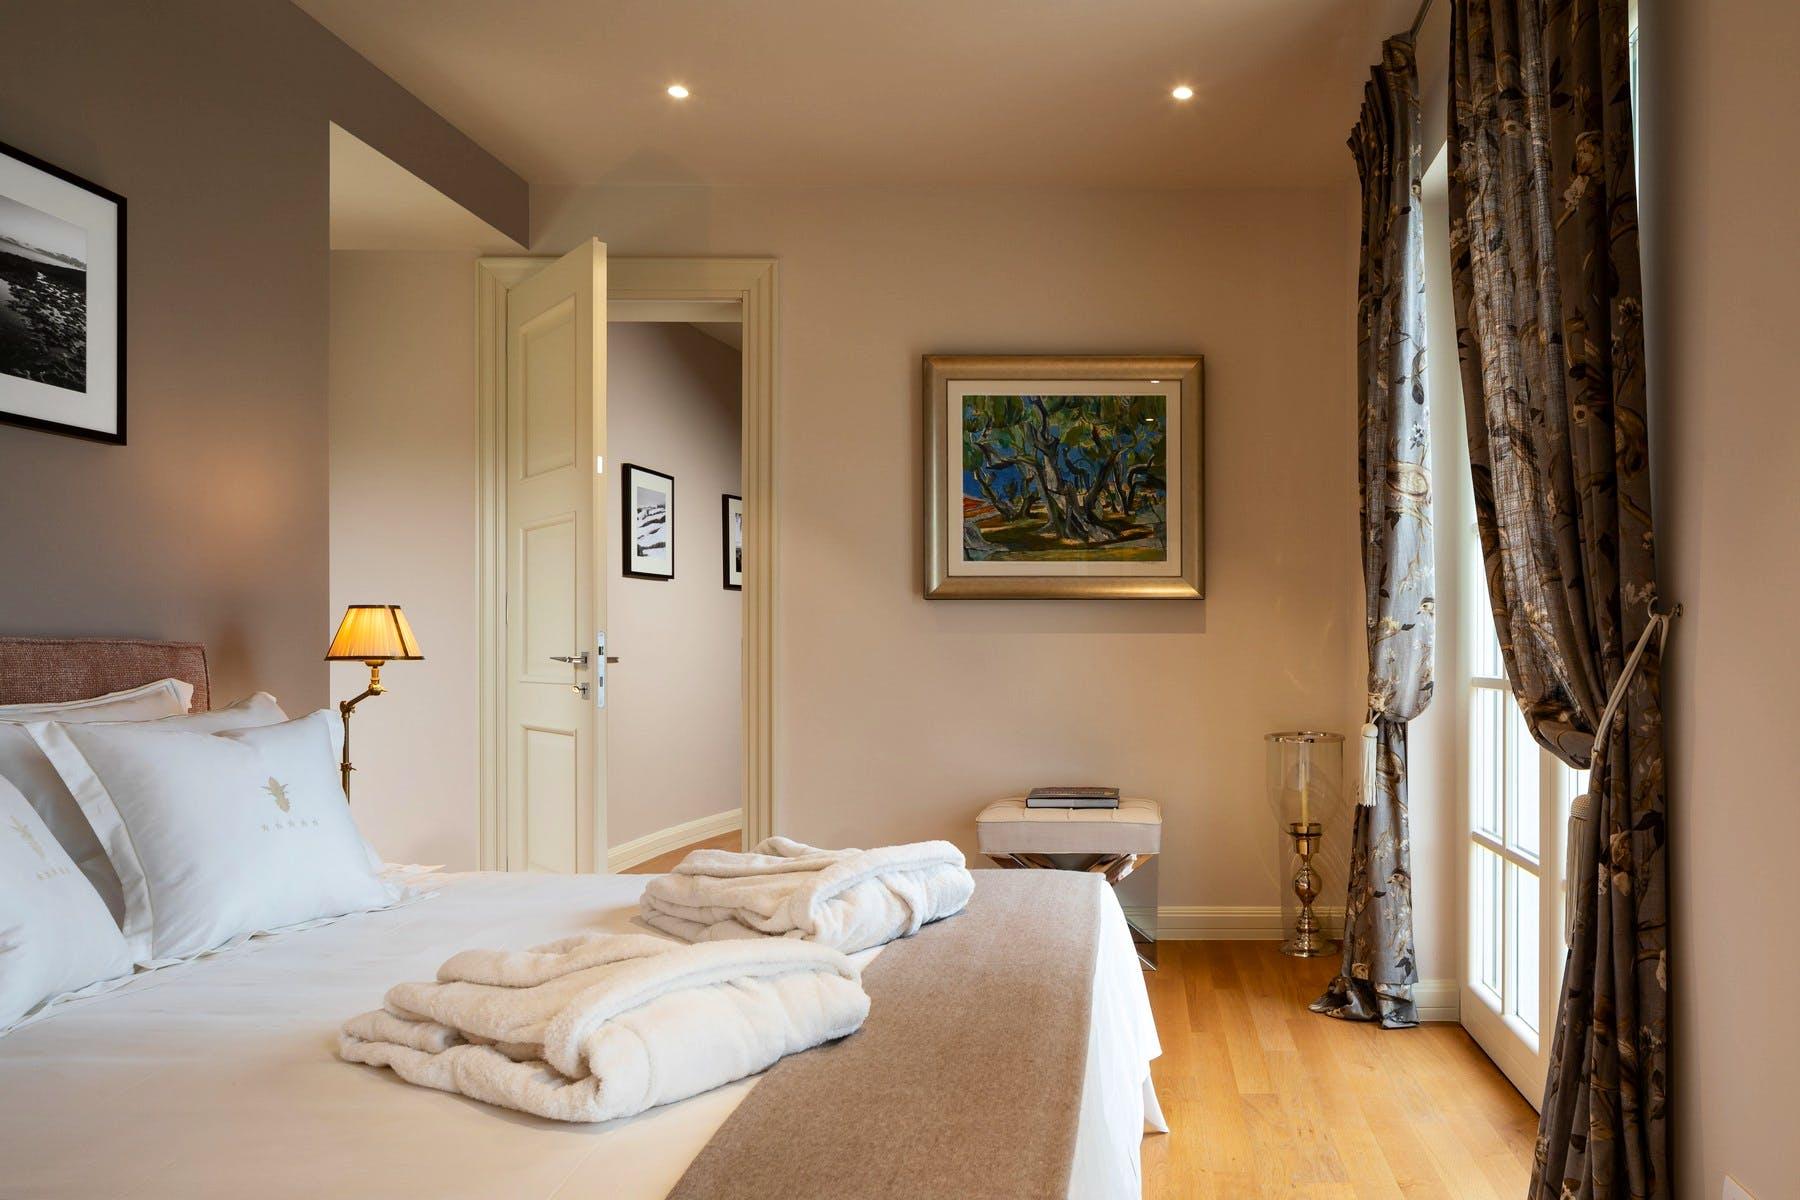 Double bedroom design